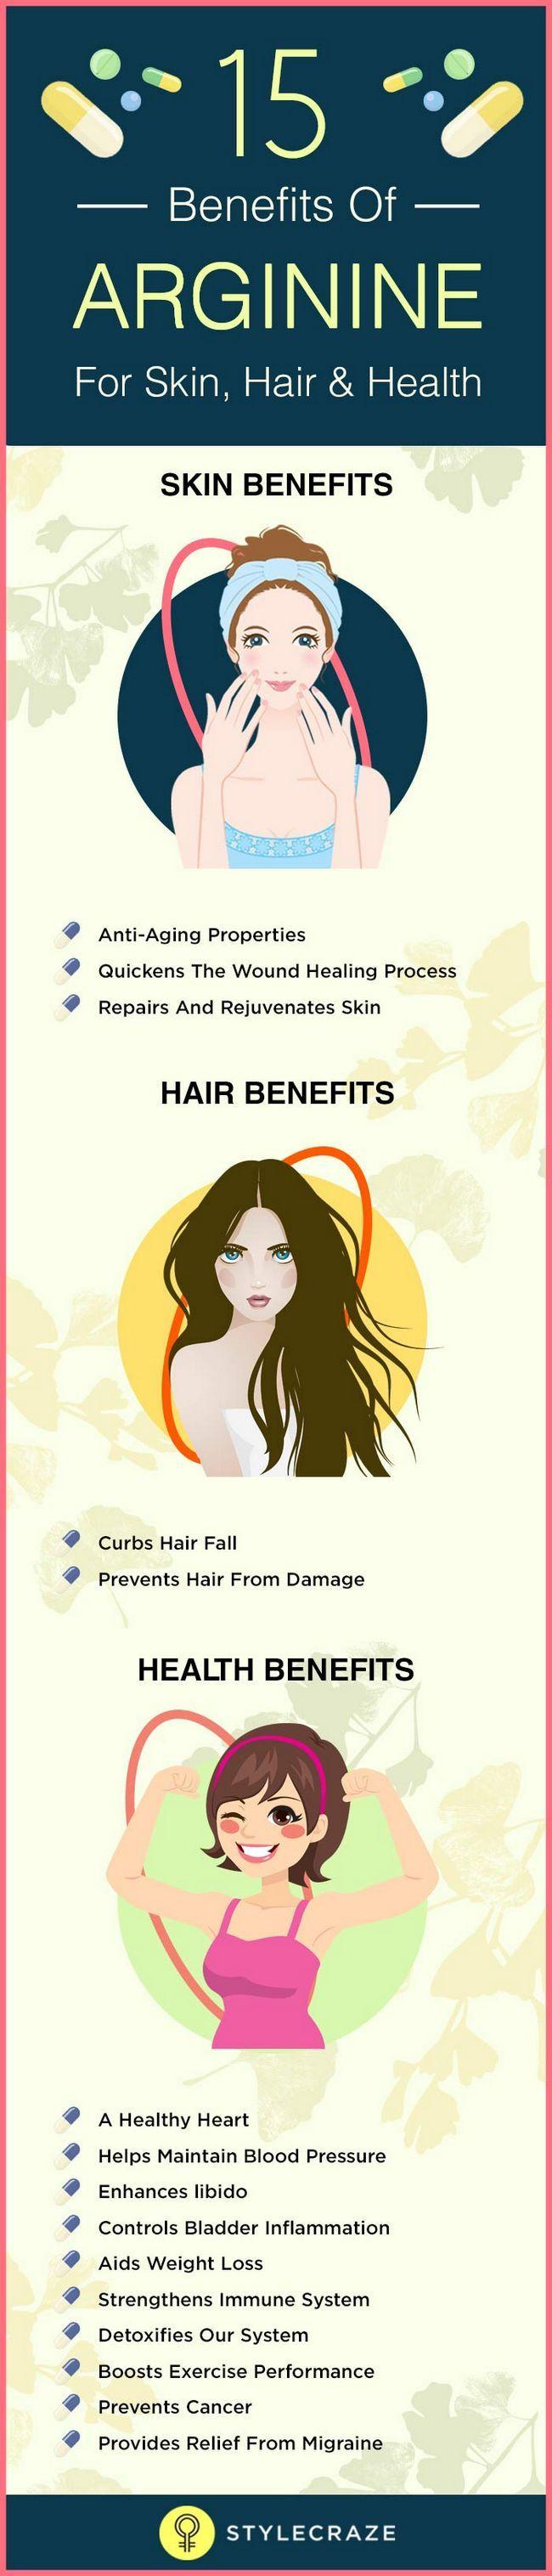 15 Top Vorteile von Arginin für Haut, Haare und Gesundheit